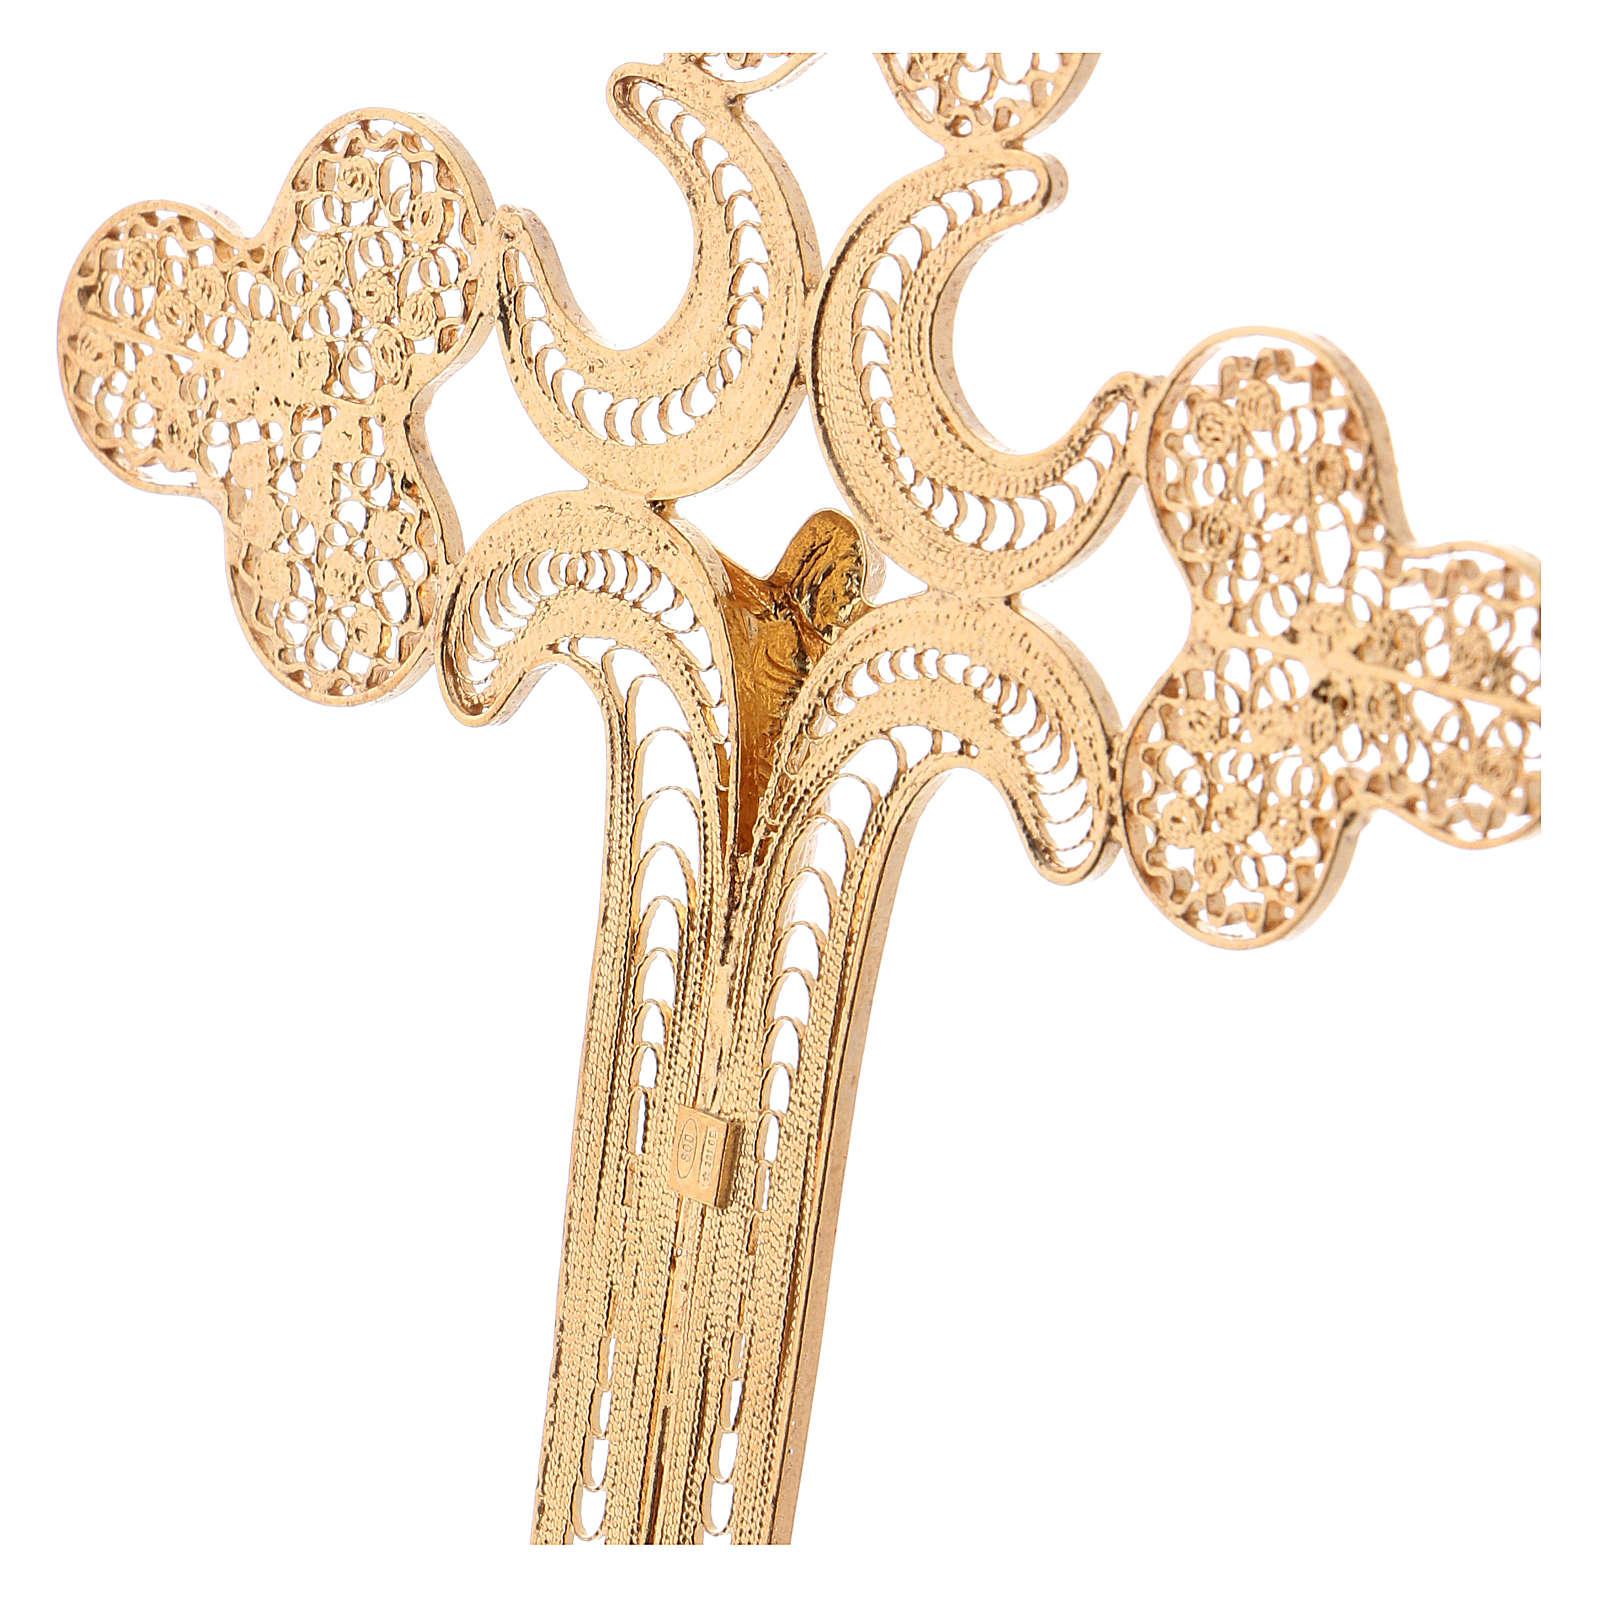 Cruz obispal de plata 800 dorada con cuerpo de Cristo 3